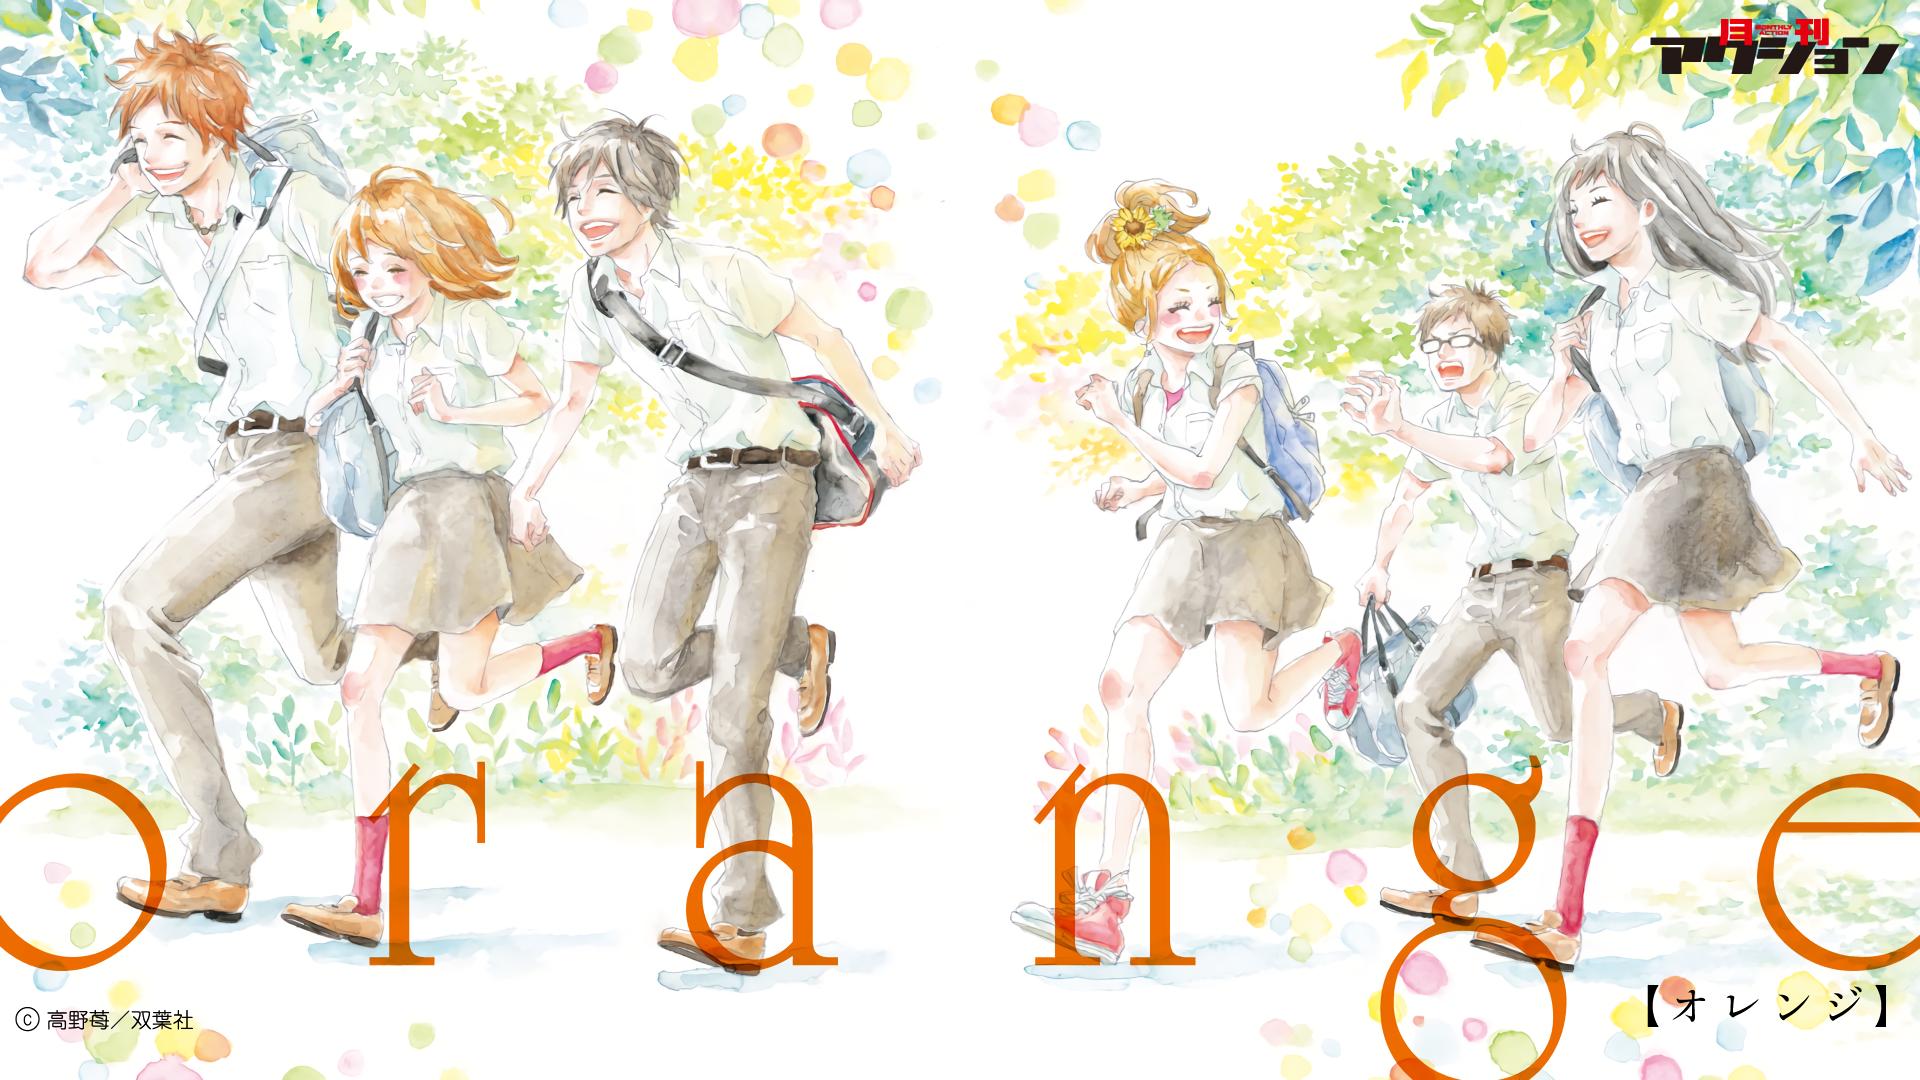 Ancora un ultimo volume per il manga Orange